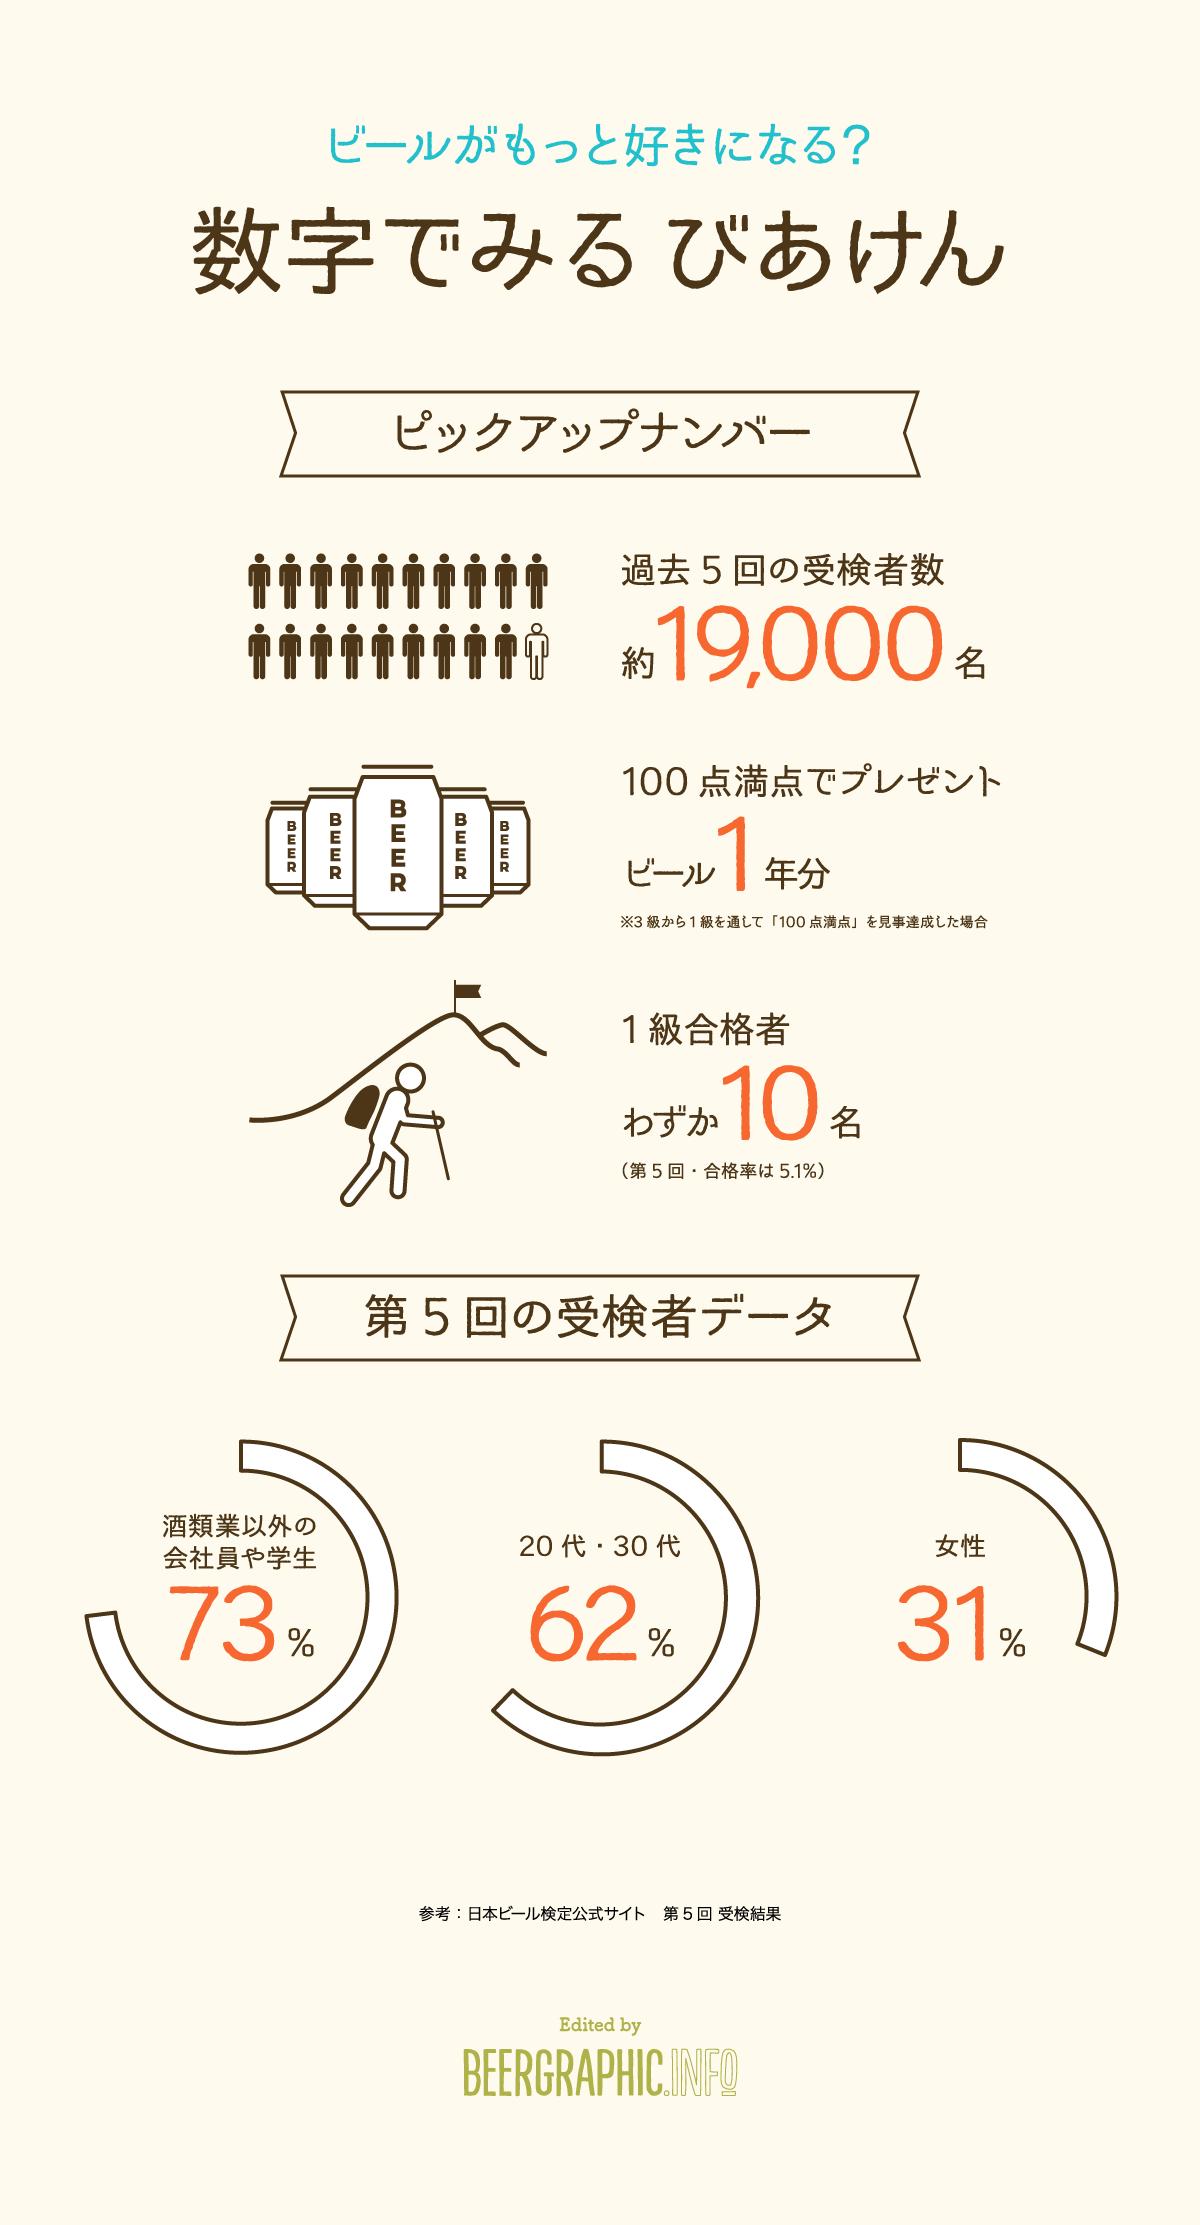 ビール好きなら受けてみたい!第6回「日本ビール検定」申込受付開始